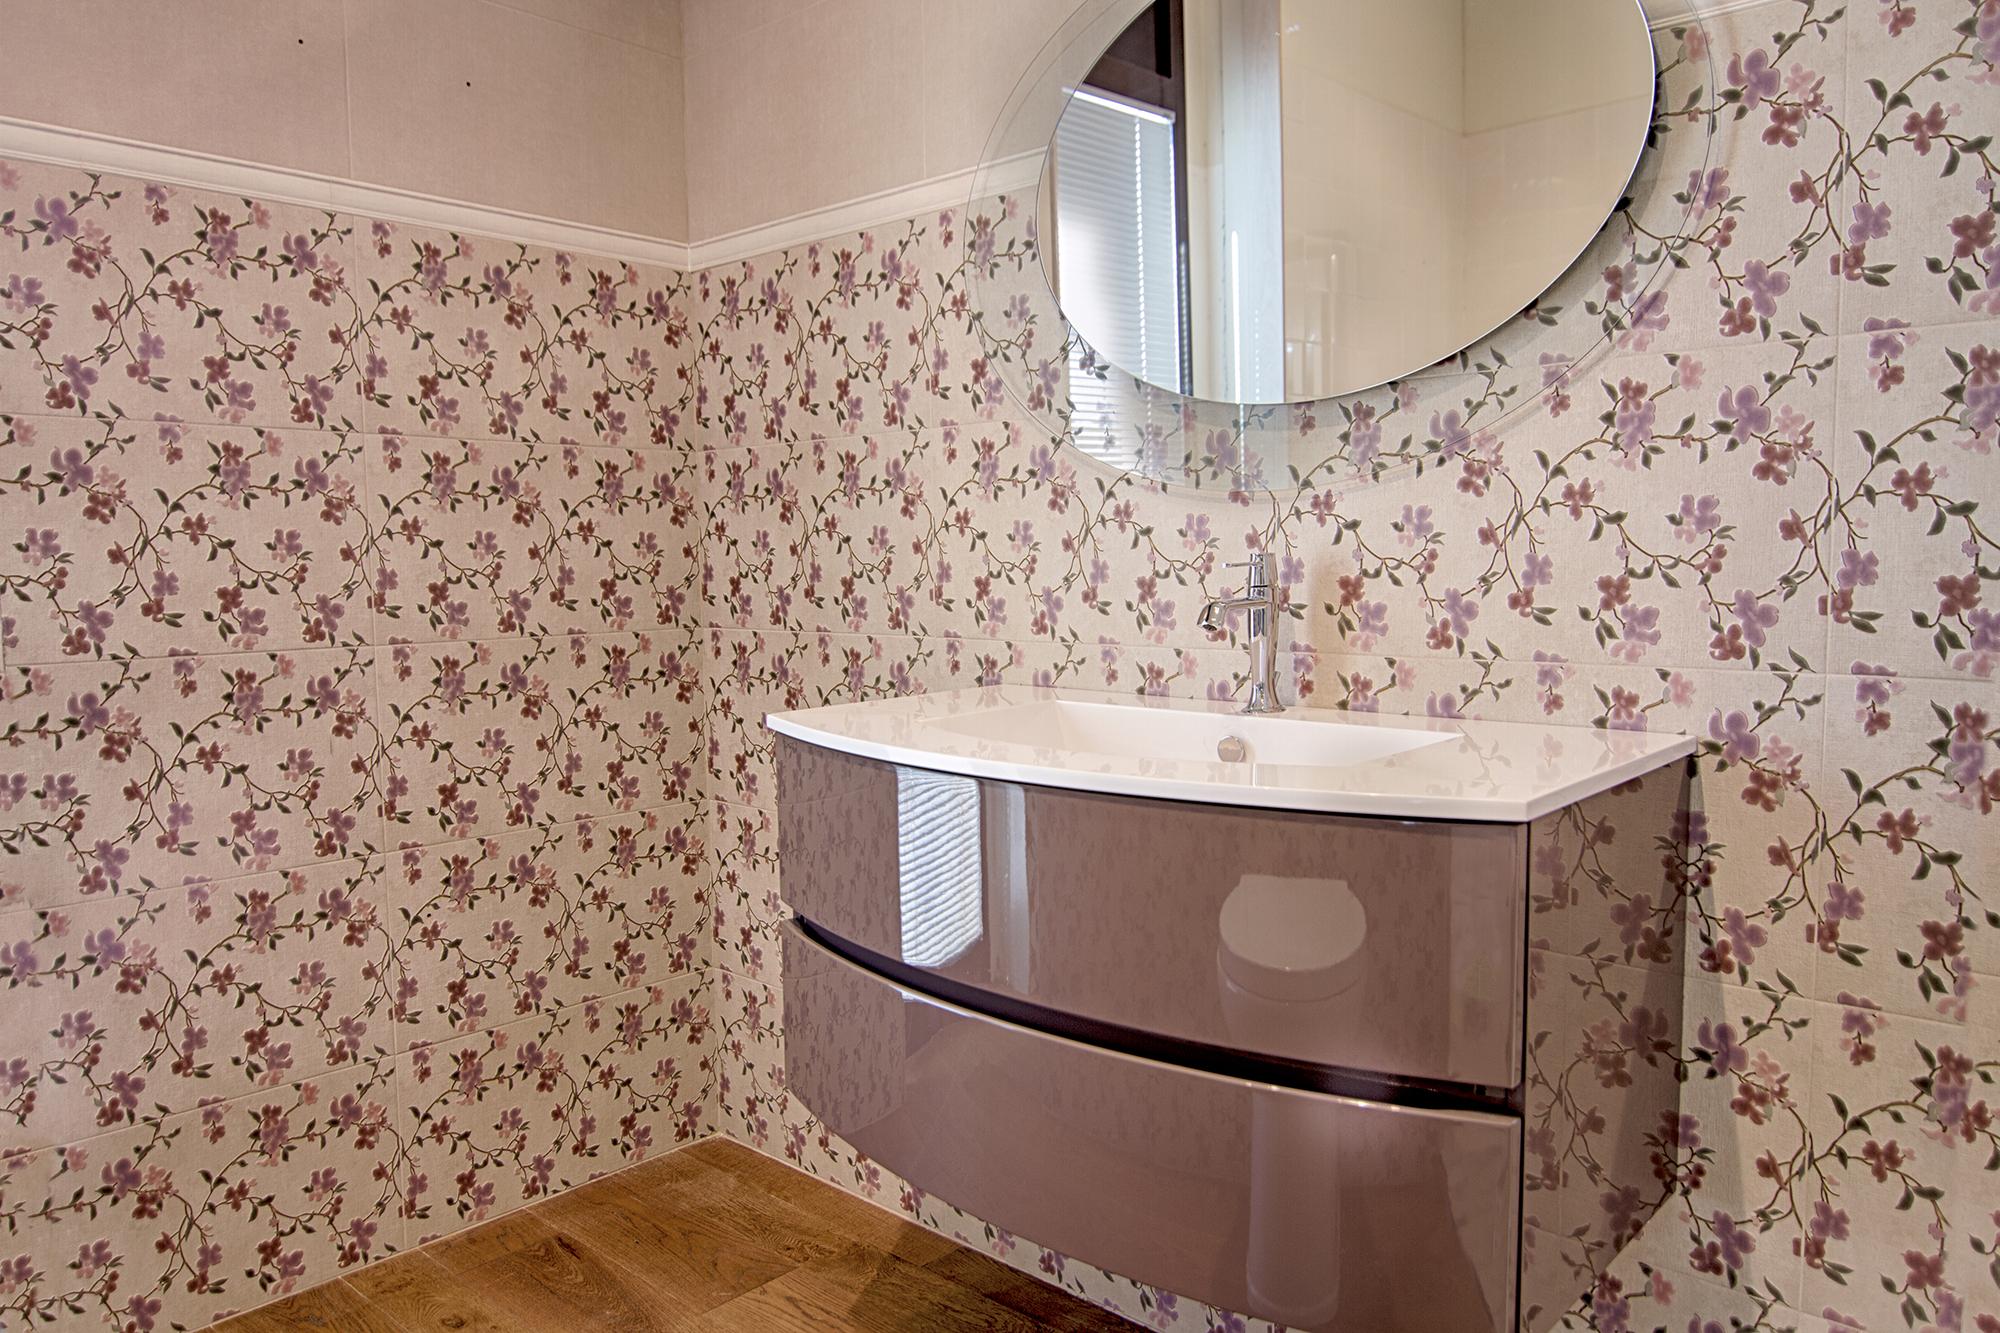 Specchio ovale e mobile completo di lavabo bagno e accessori arredo bagno casastore - Specchio bagno ovale ...